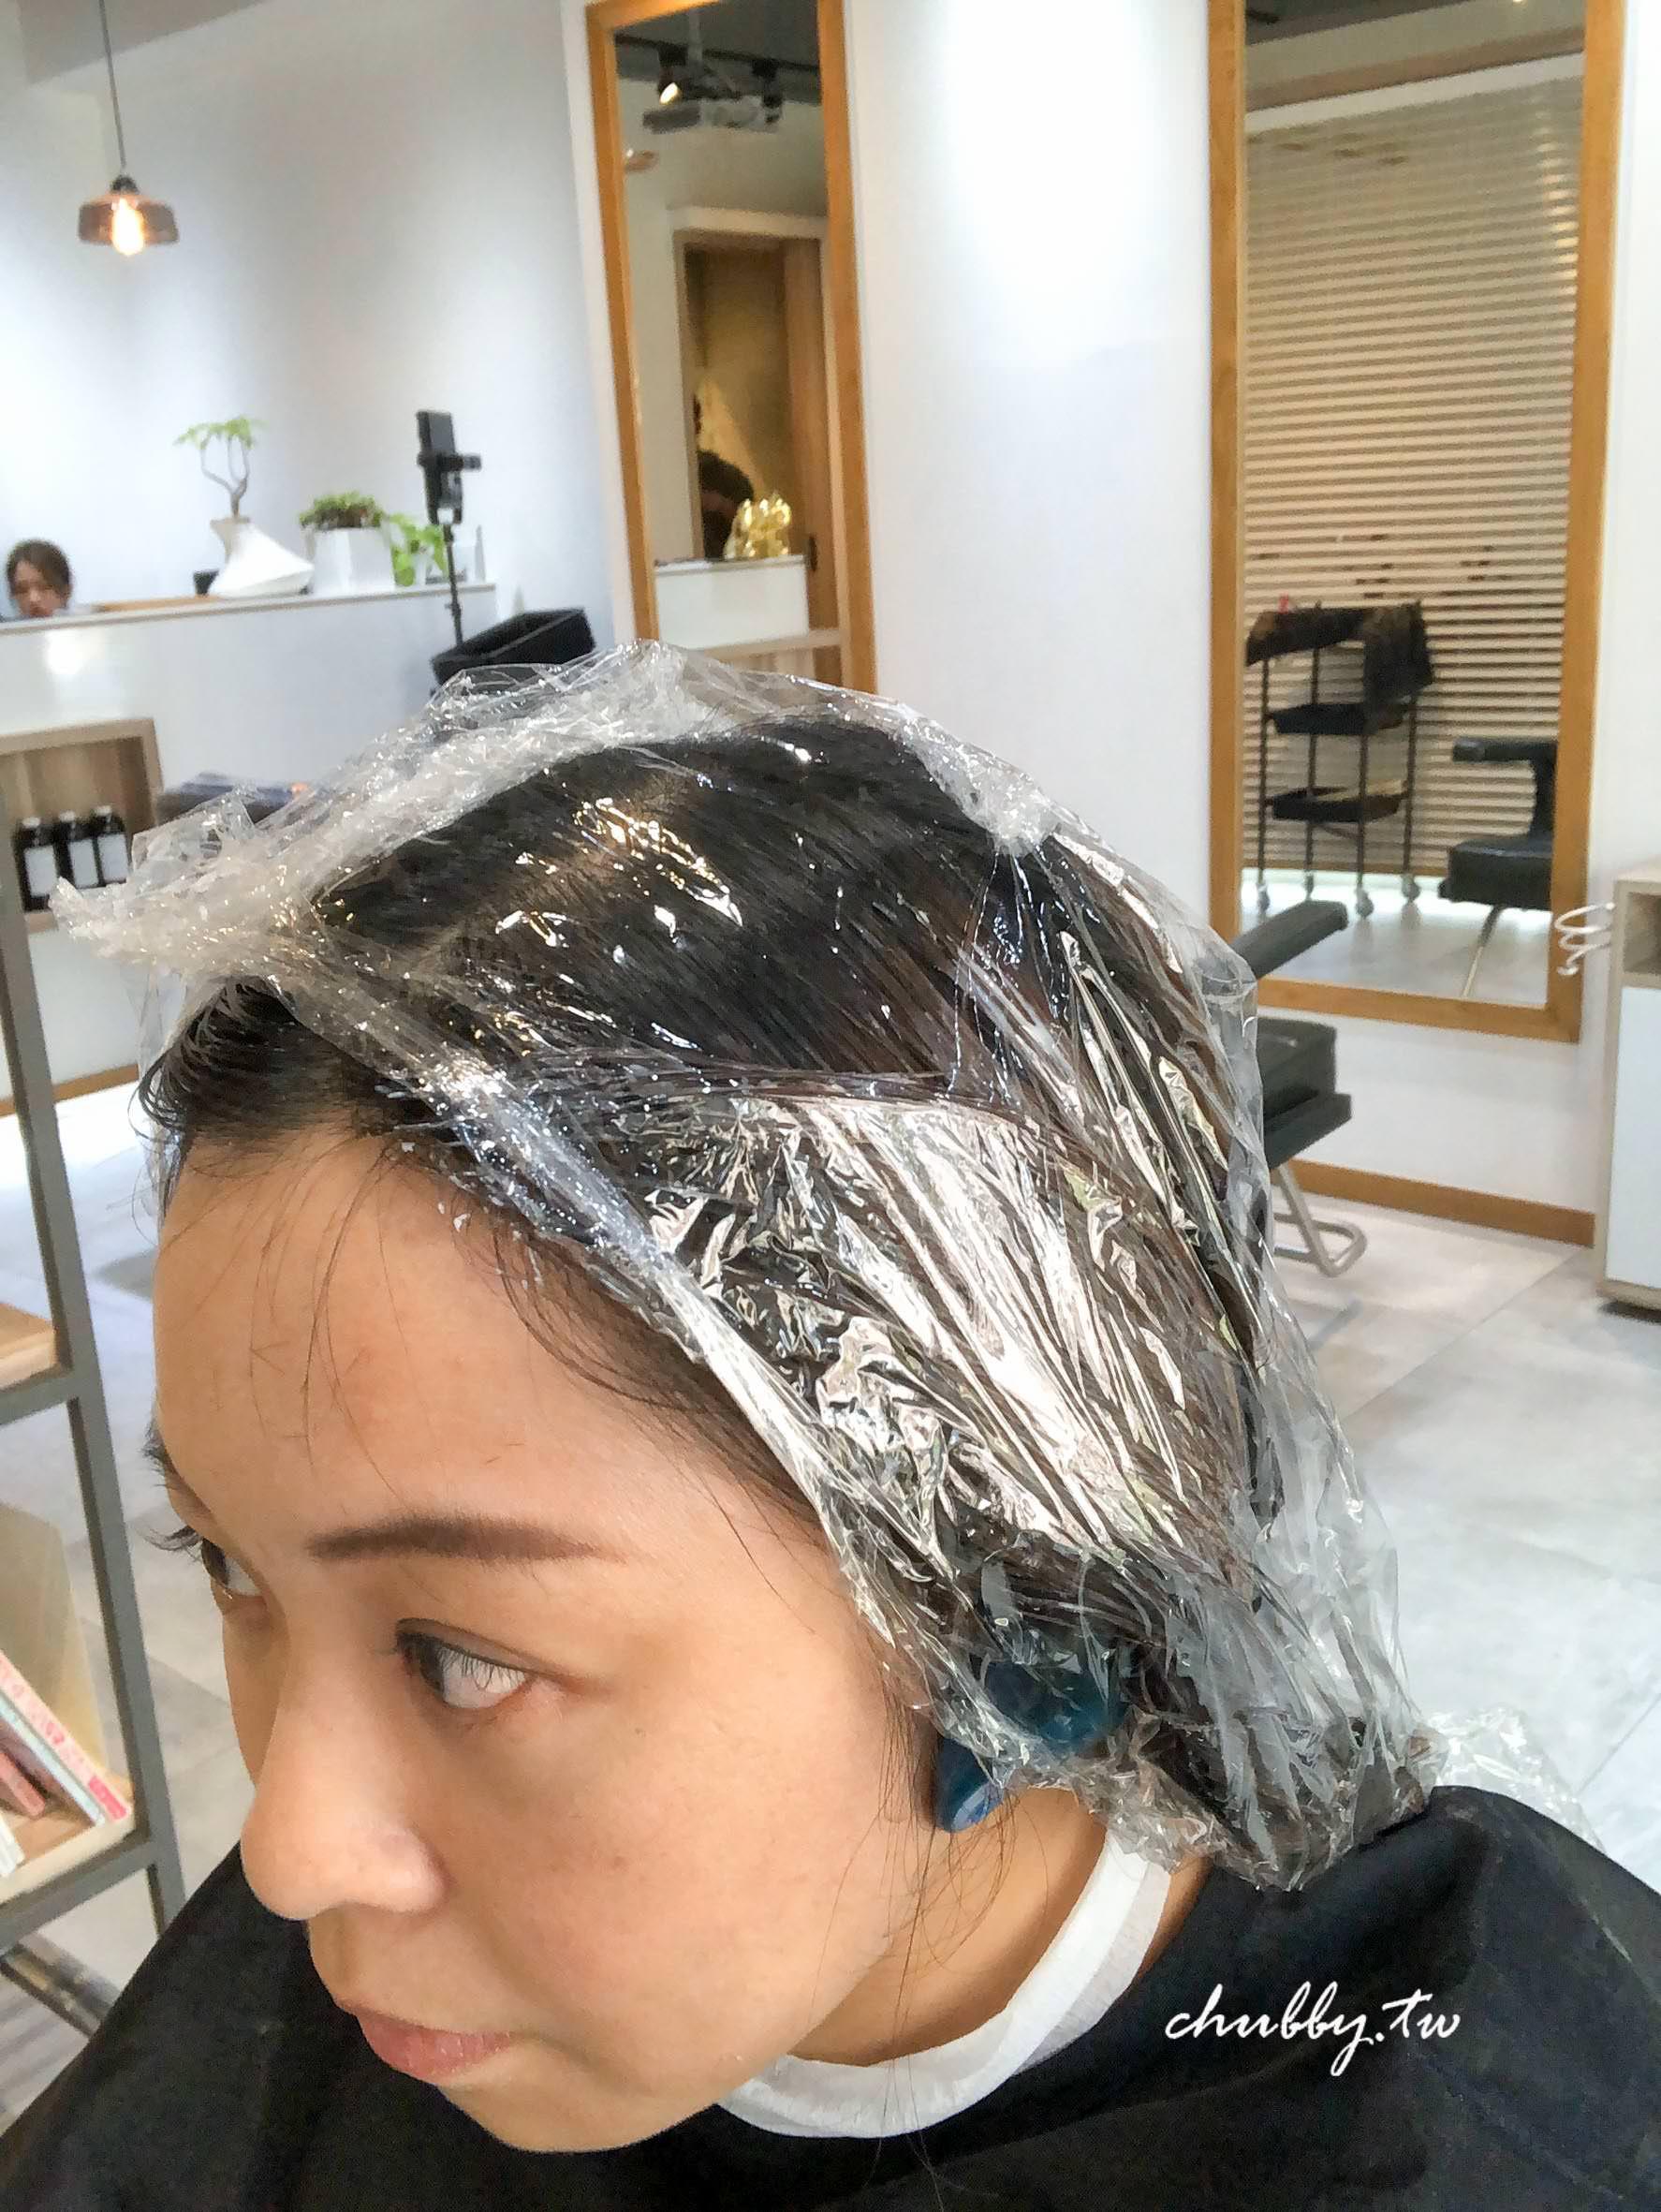 台北松山區髮廊│沐/潤 Hair Salon│燙髮新嘗試!溫塑燙+減齡瀏海+捲髮推薦